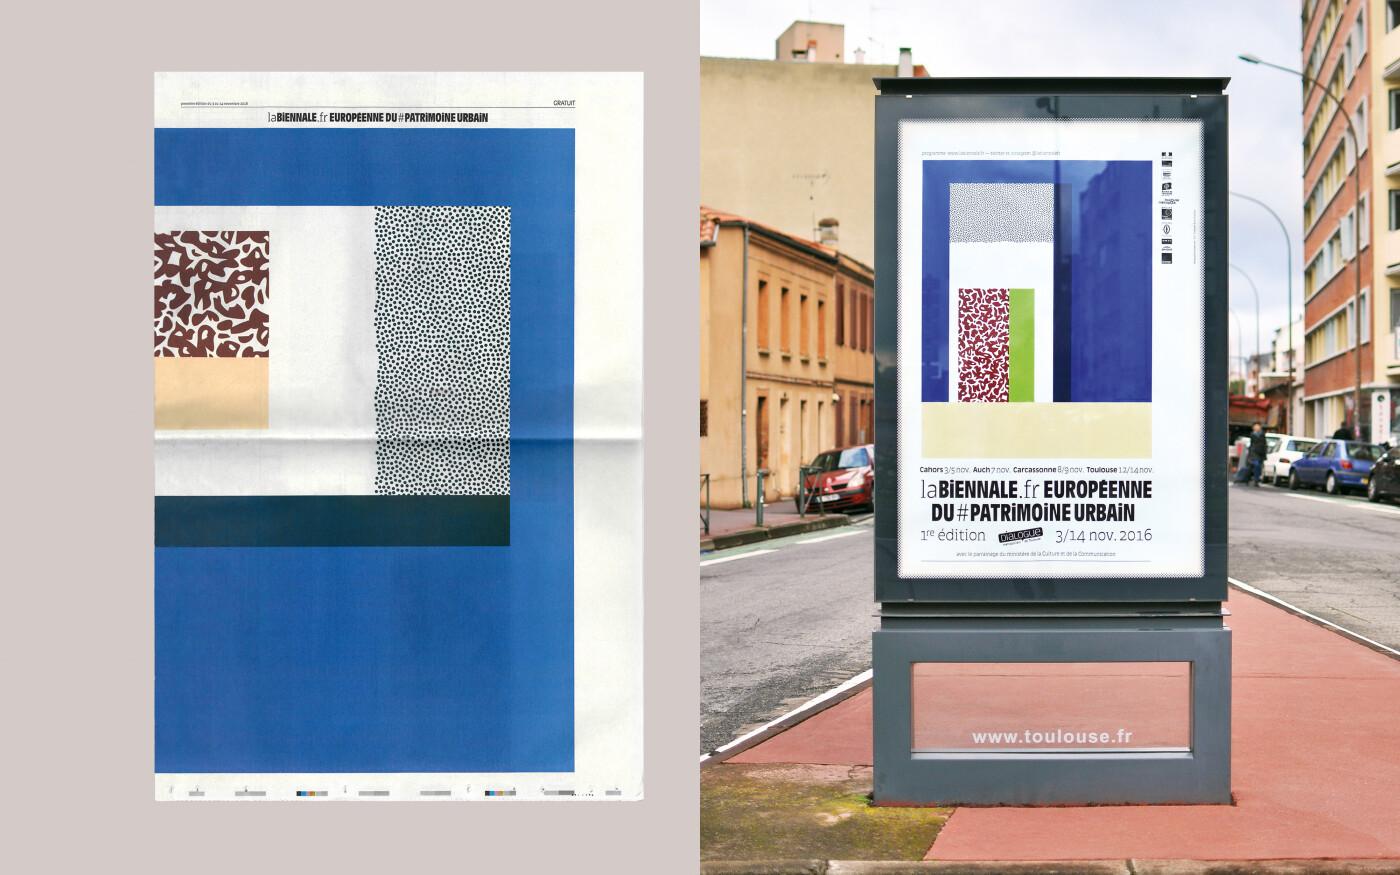 Conception graphique de la Biennale Européenne du Patrimoine Urbain